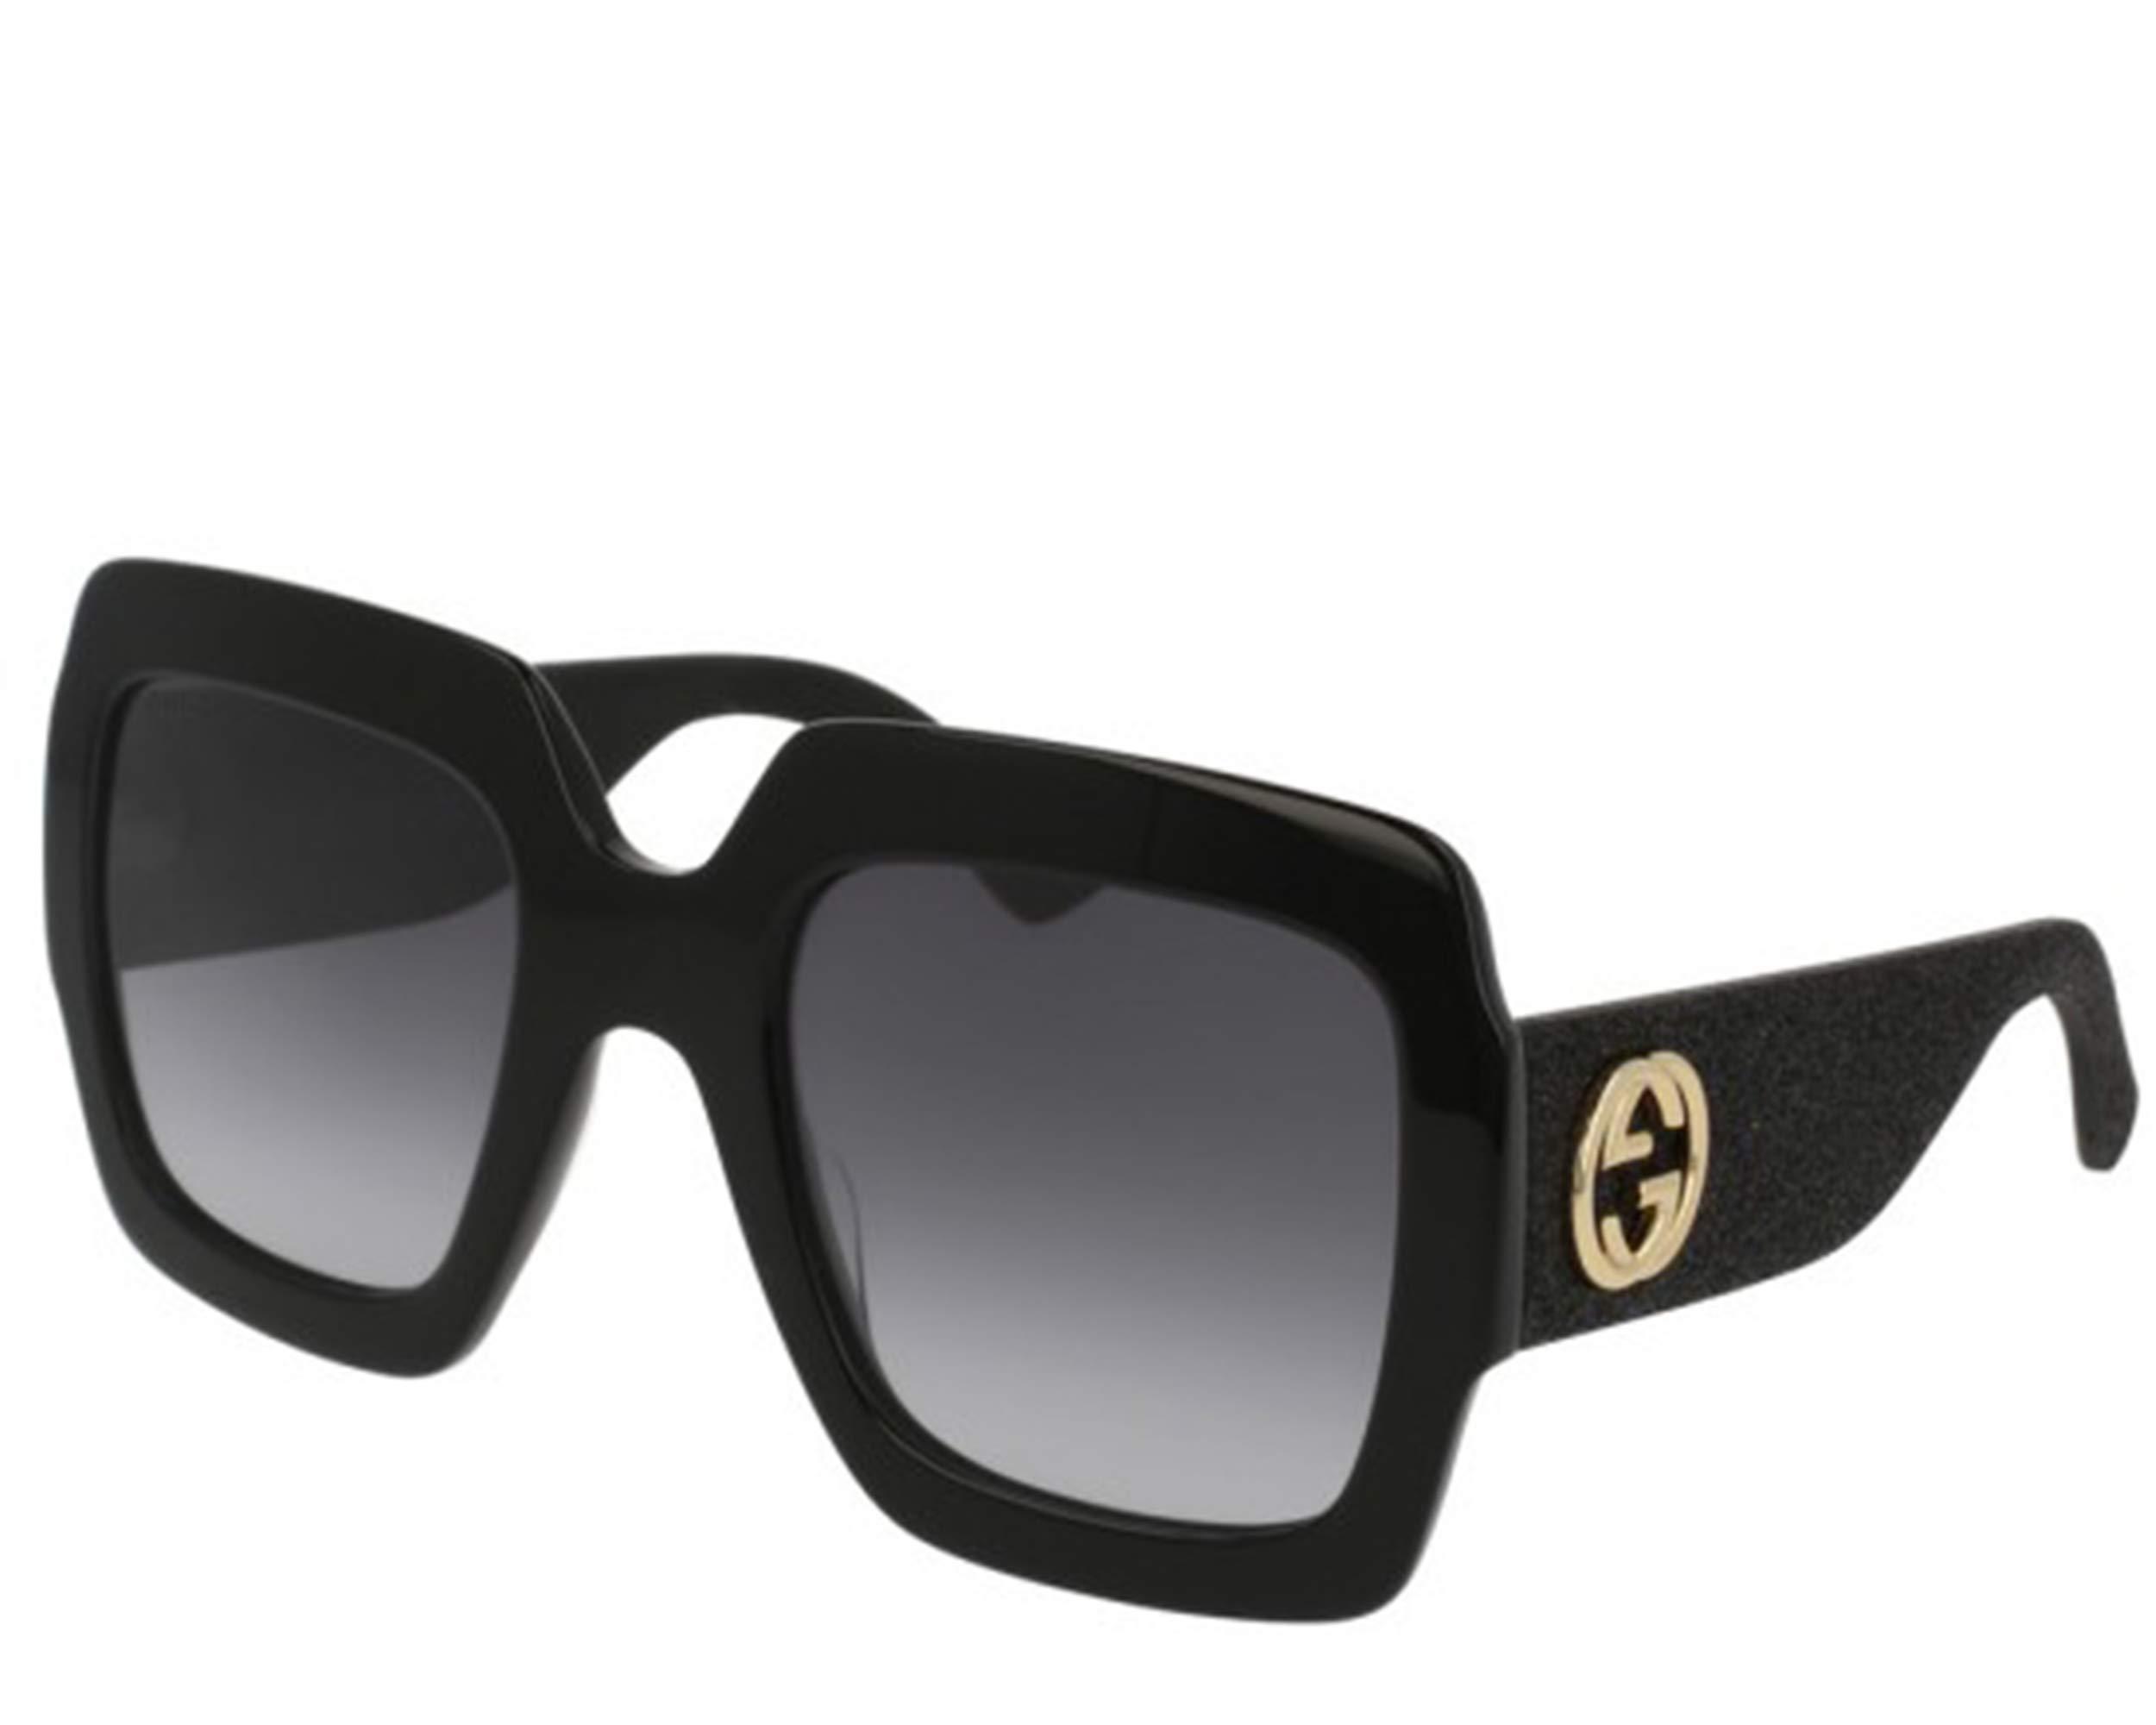 occhiale da sole camillo franchini donna cod 346 _ consegna a domicilio_